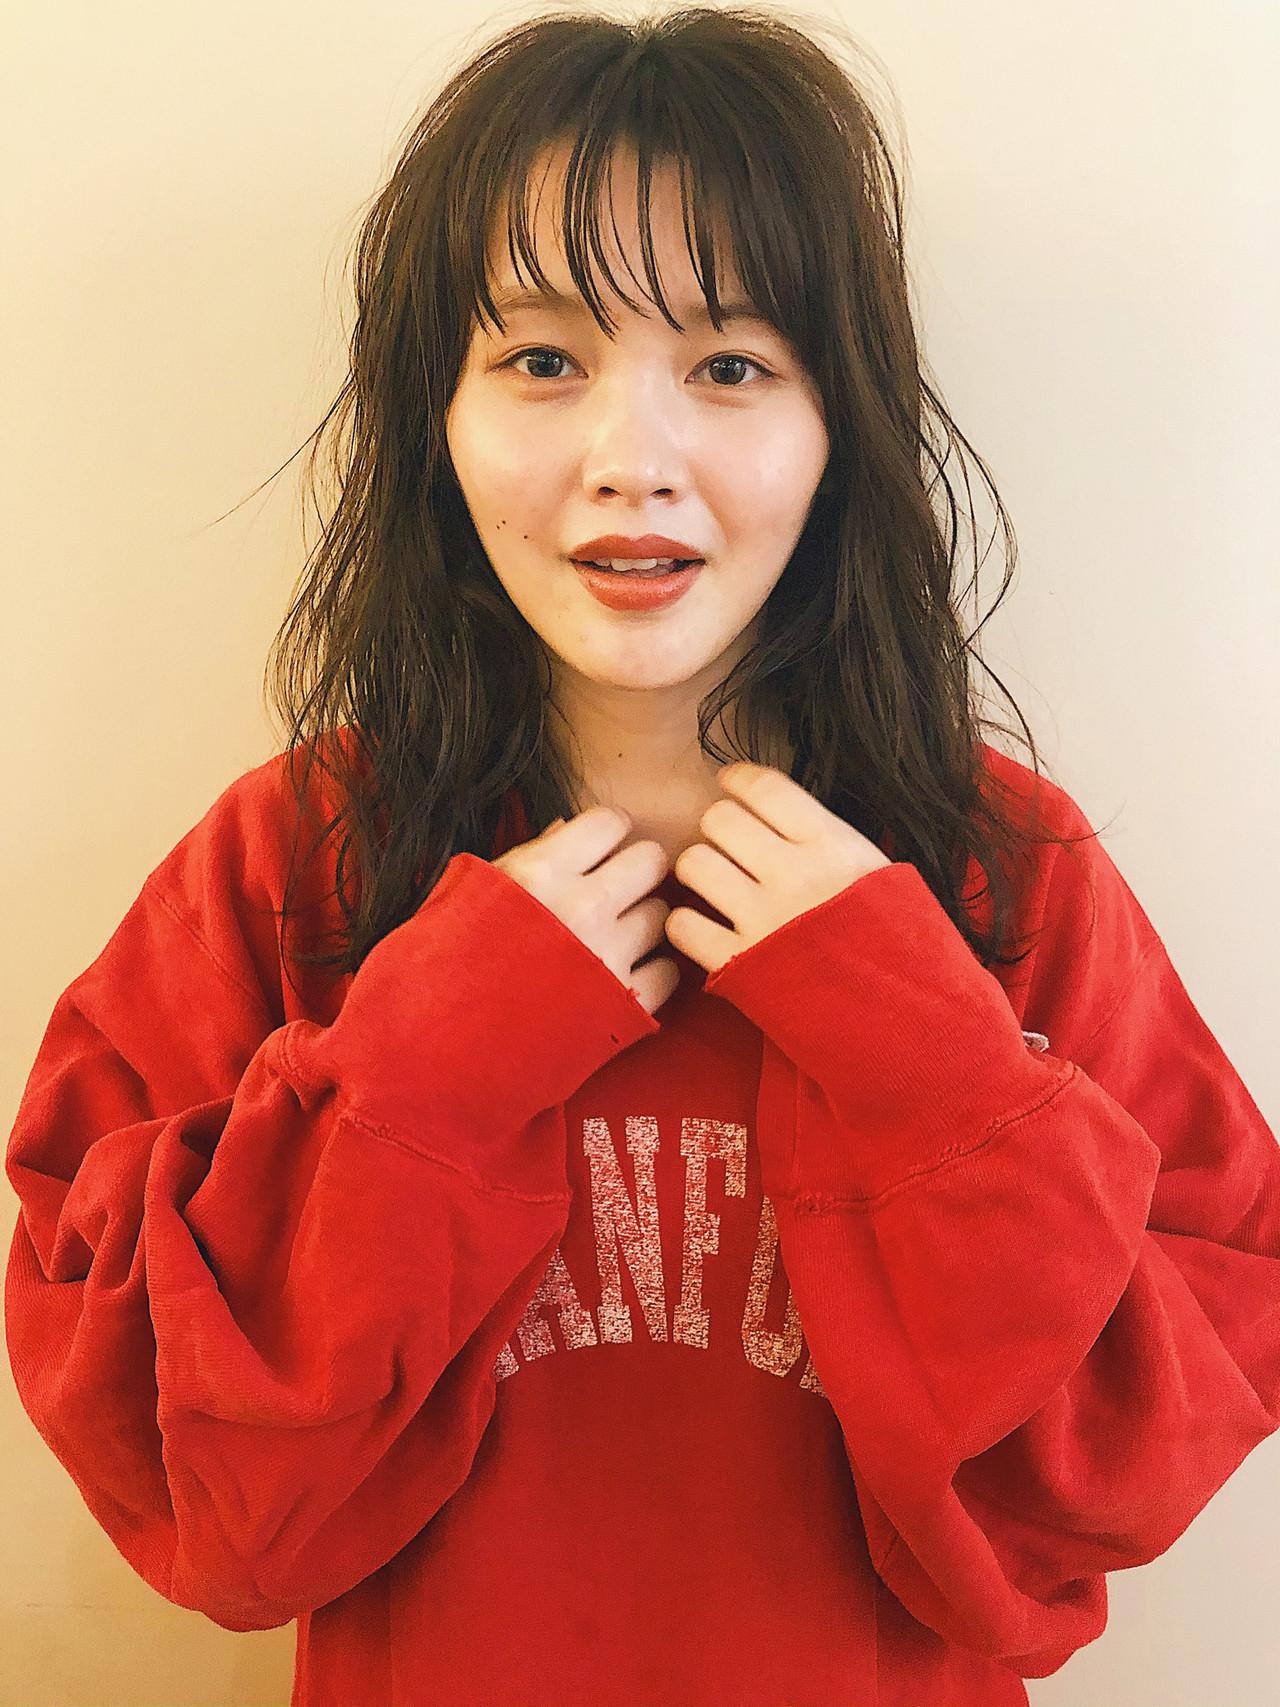 ナチュラル ヘアアレンジ ダークアッシュ ウルフカット ヘアスタイルや髪型の写真・画像 | Suguru Komuro / Quown'   ( クオン )